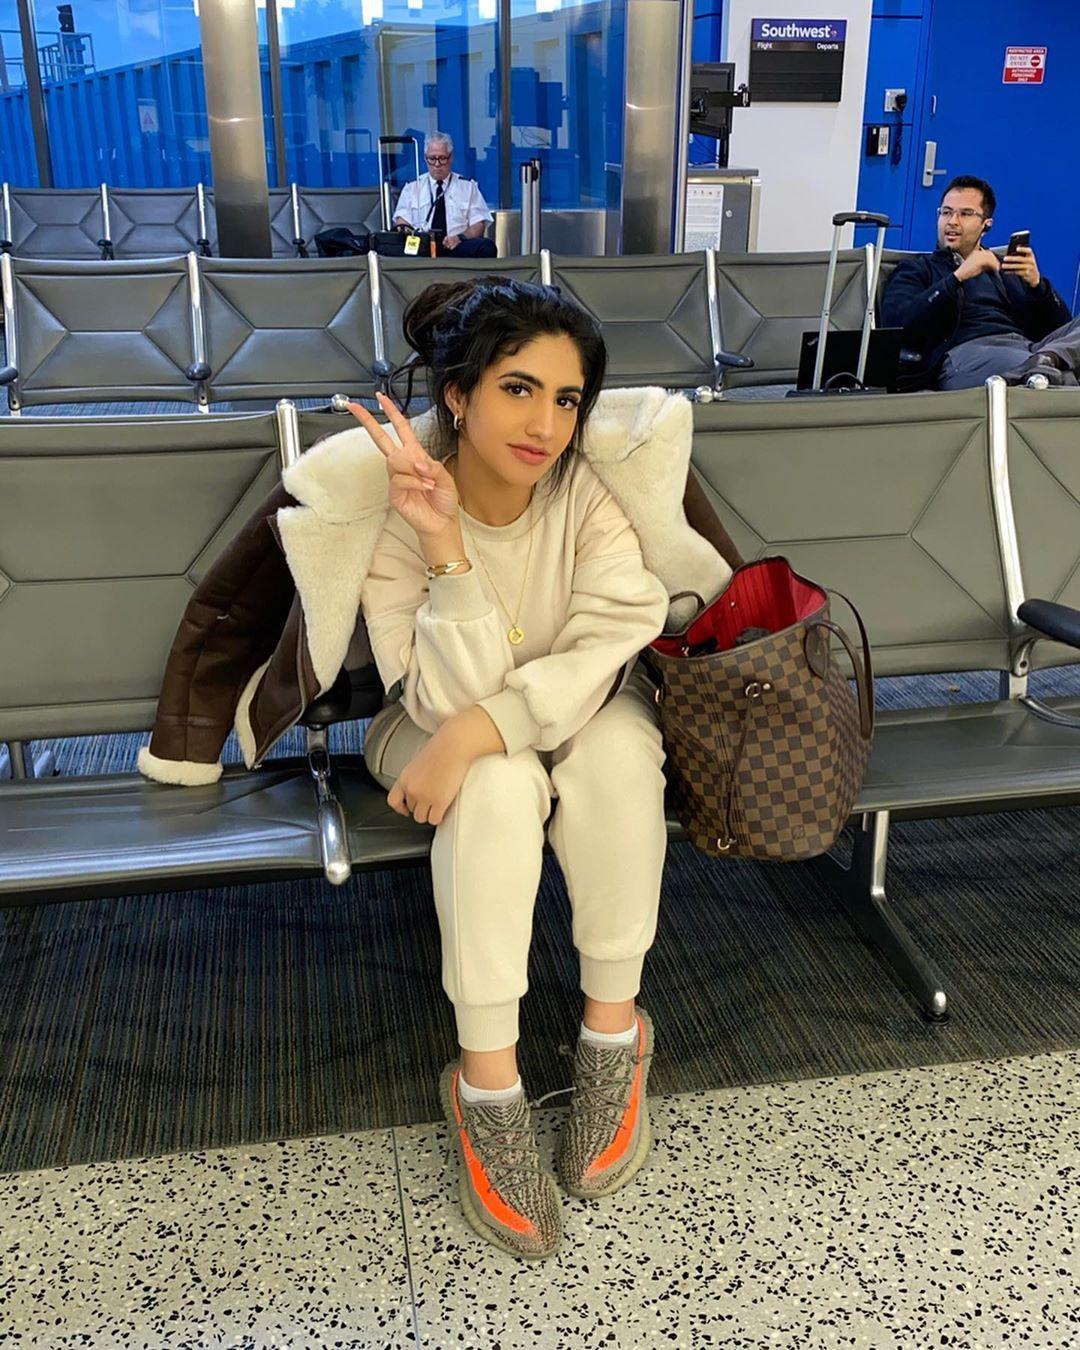 نور ستارز Noor Stars On Instagram اول سفرة لسنة 2020 يا حزركم من صور هالصور رابع صورة هي ردة فعلي لما اشوفكم Winter Jackets Fashion Tote Bag